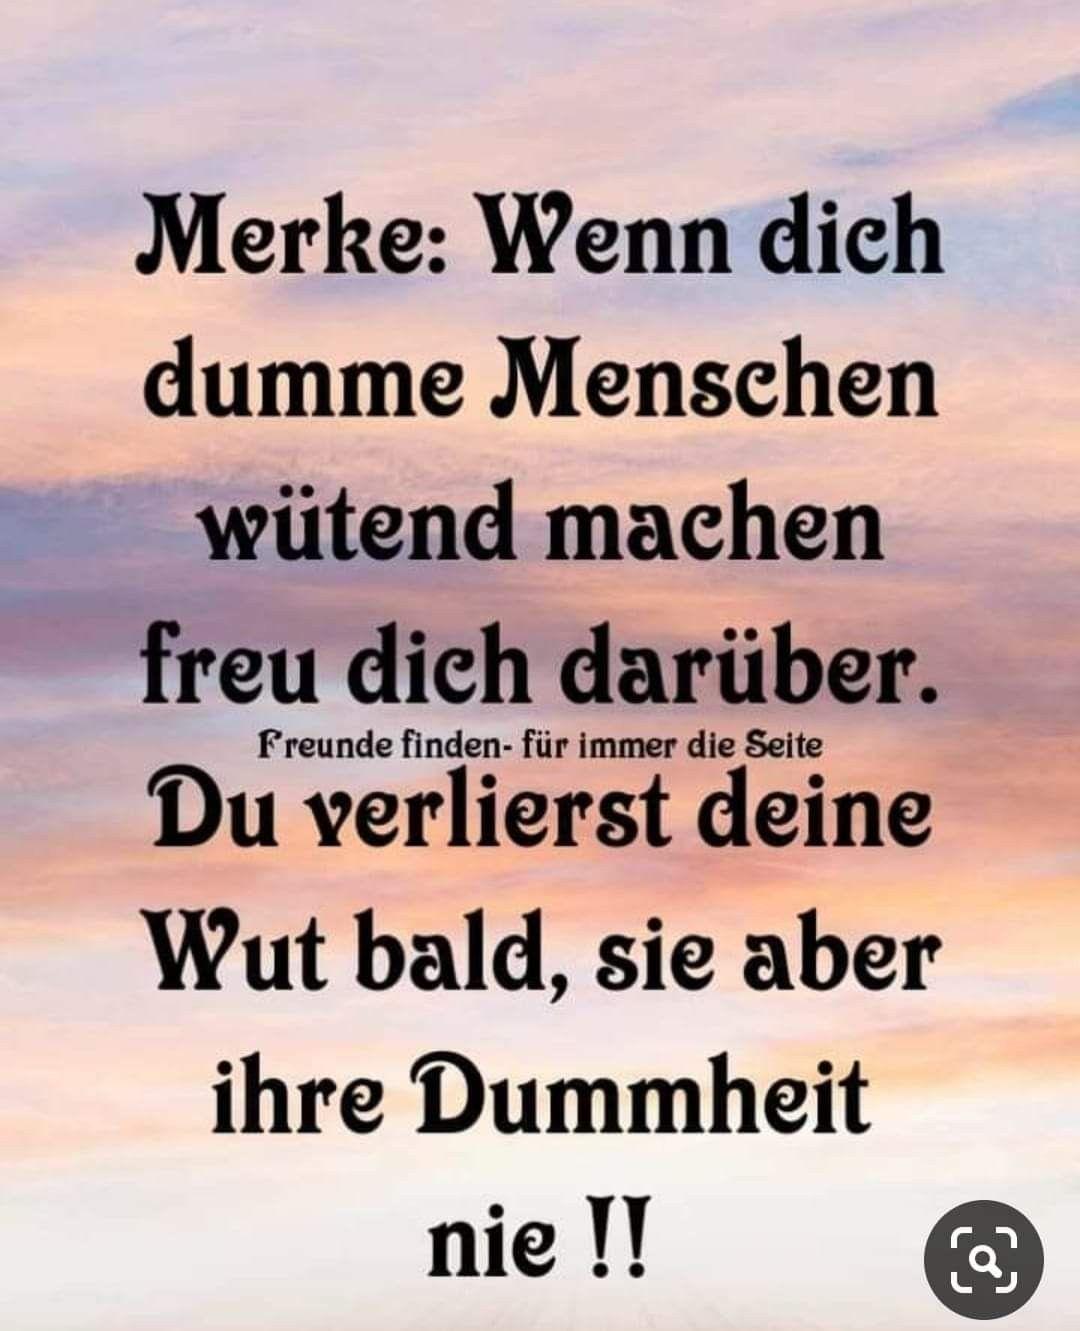 Pin Von Dieter Manu Auf Jugendweihe Lebensweisheiten Spruche Spruche Zitate Spruche